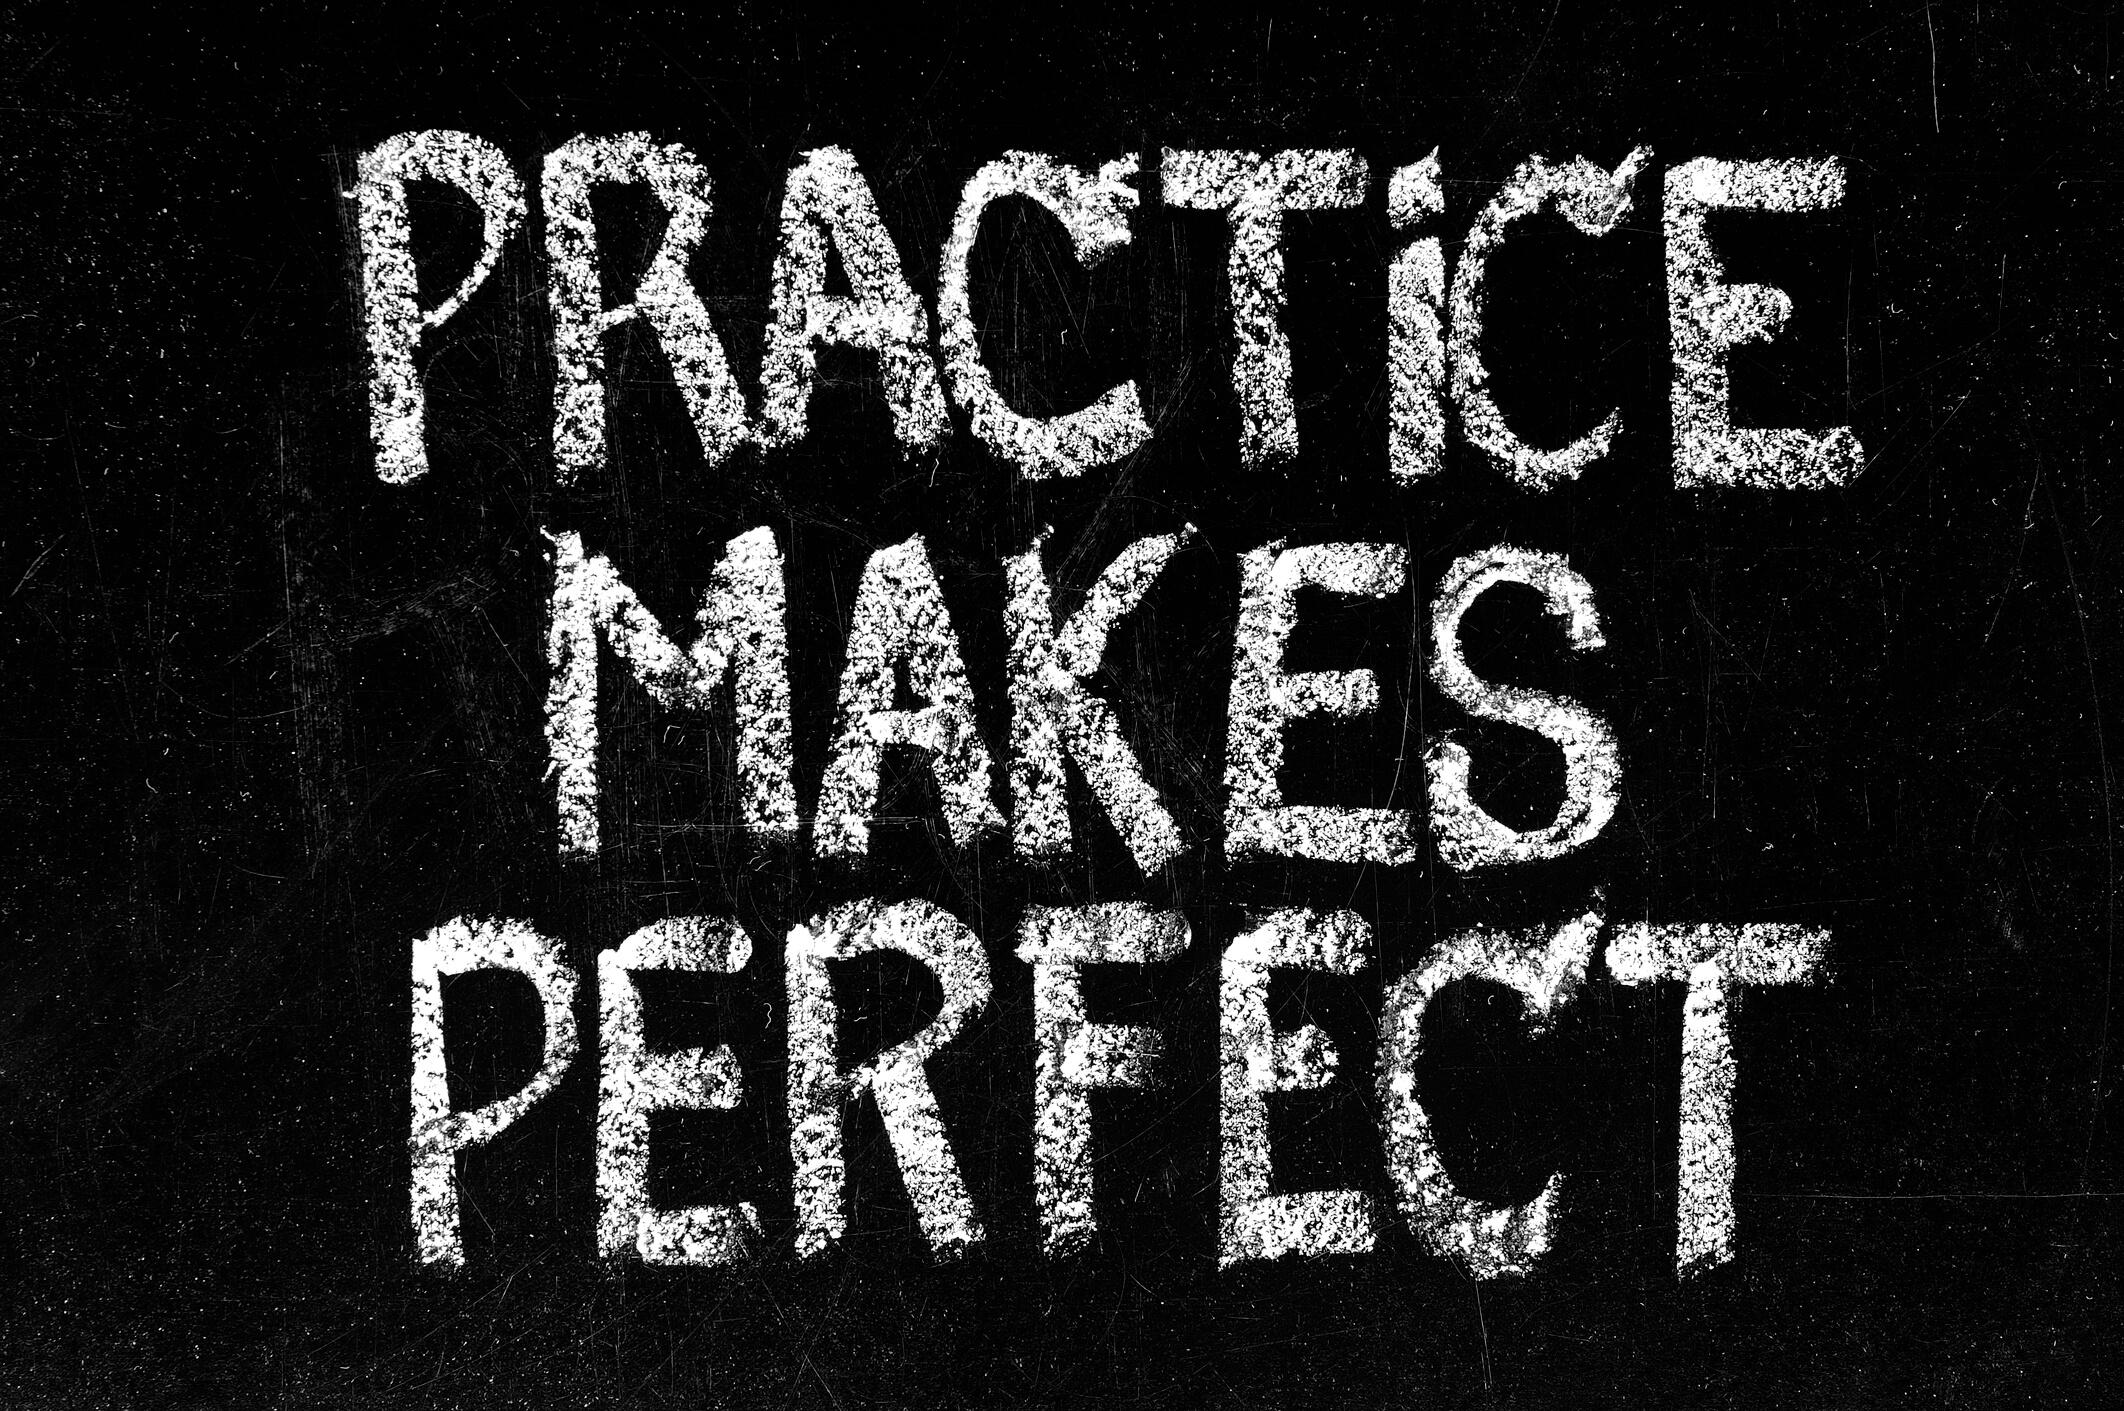 prectice makes perfect